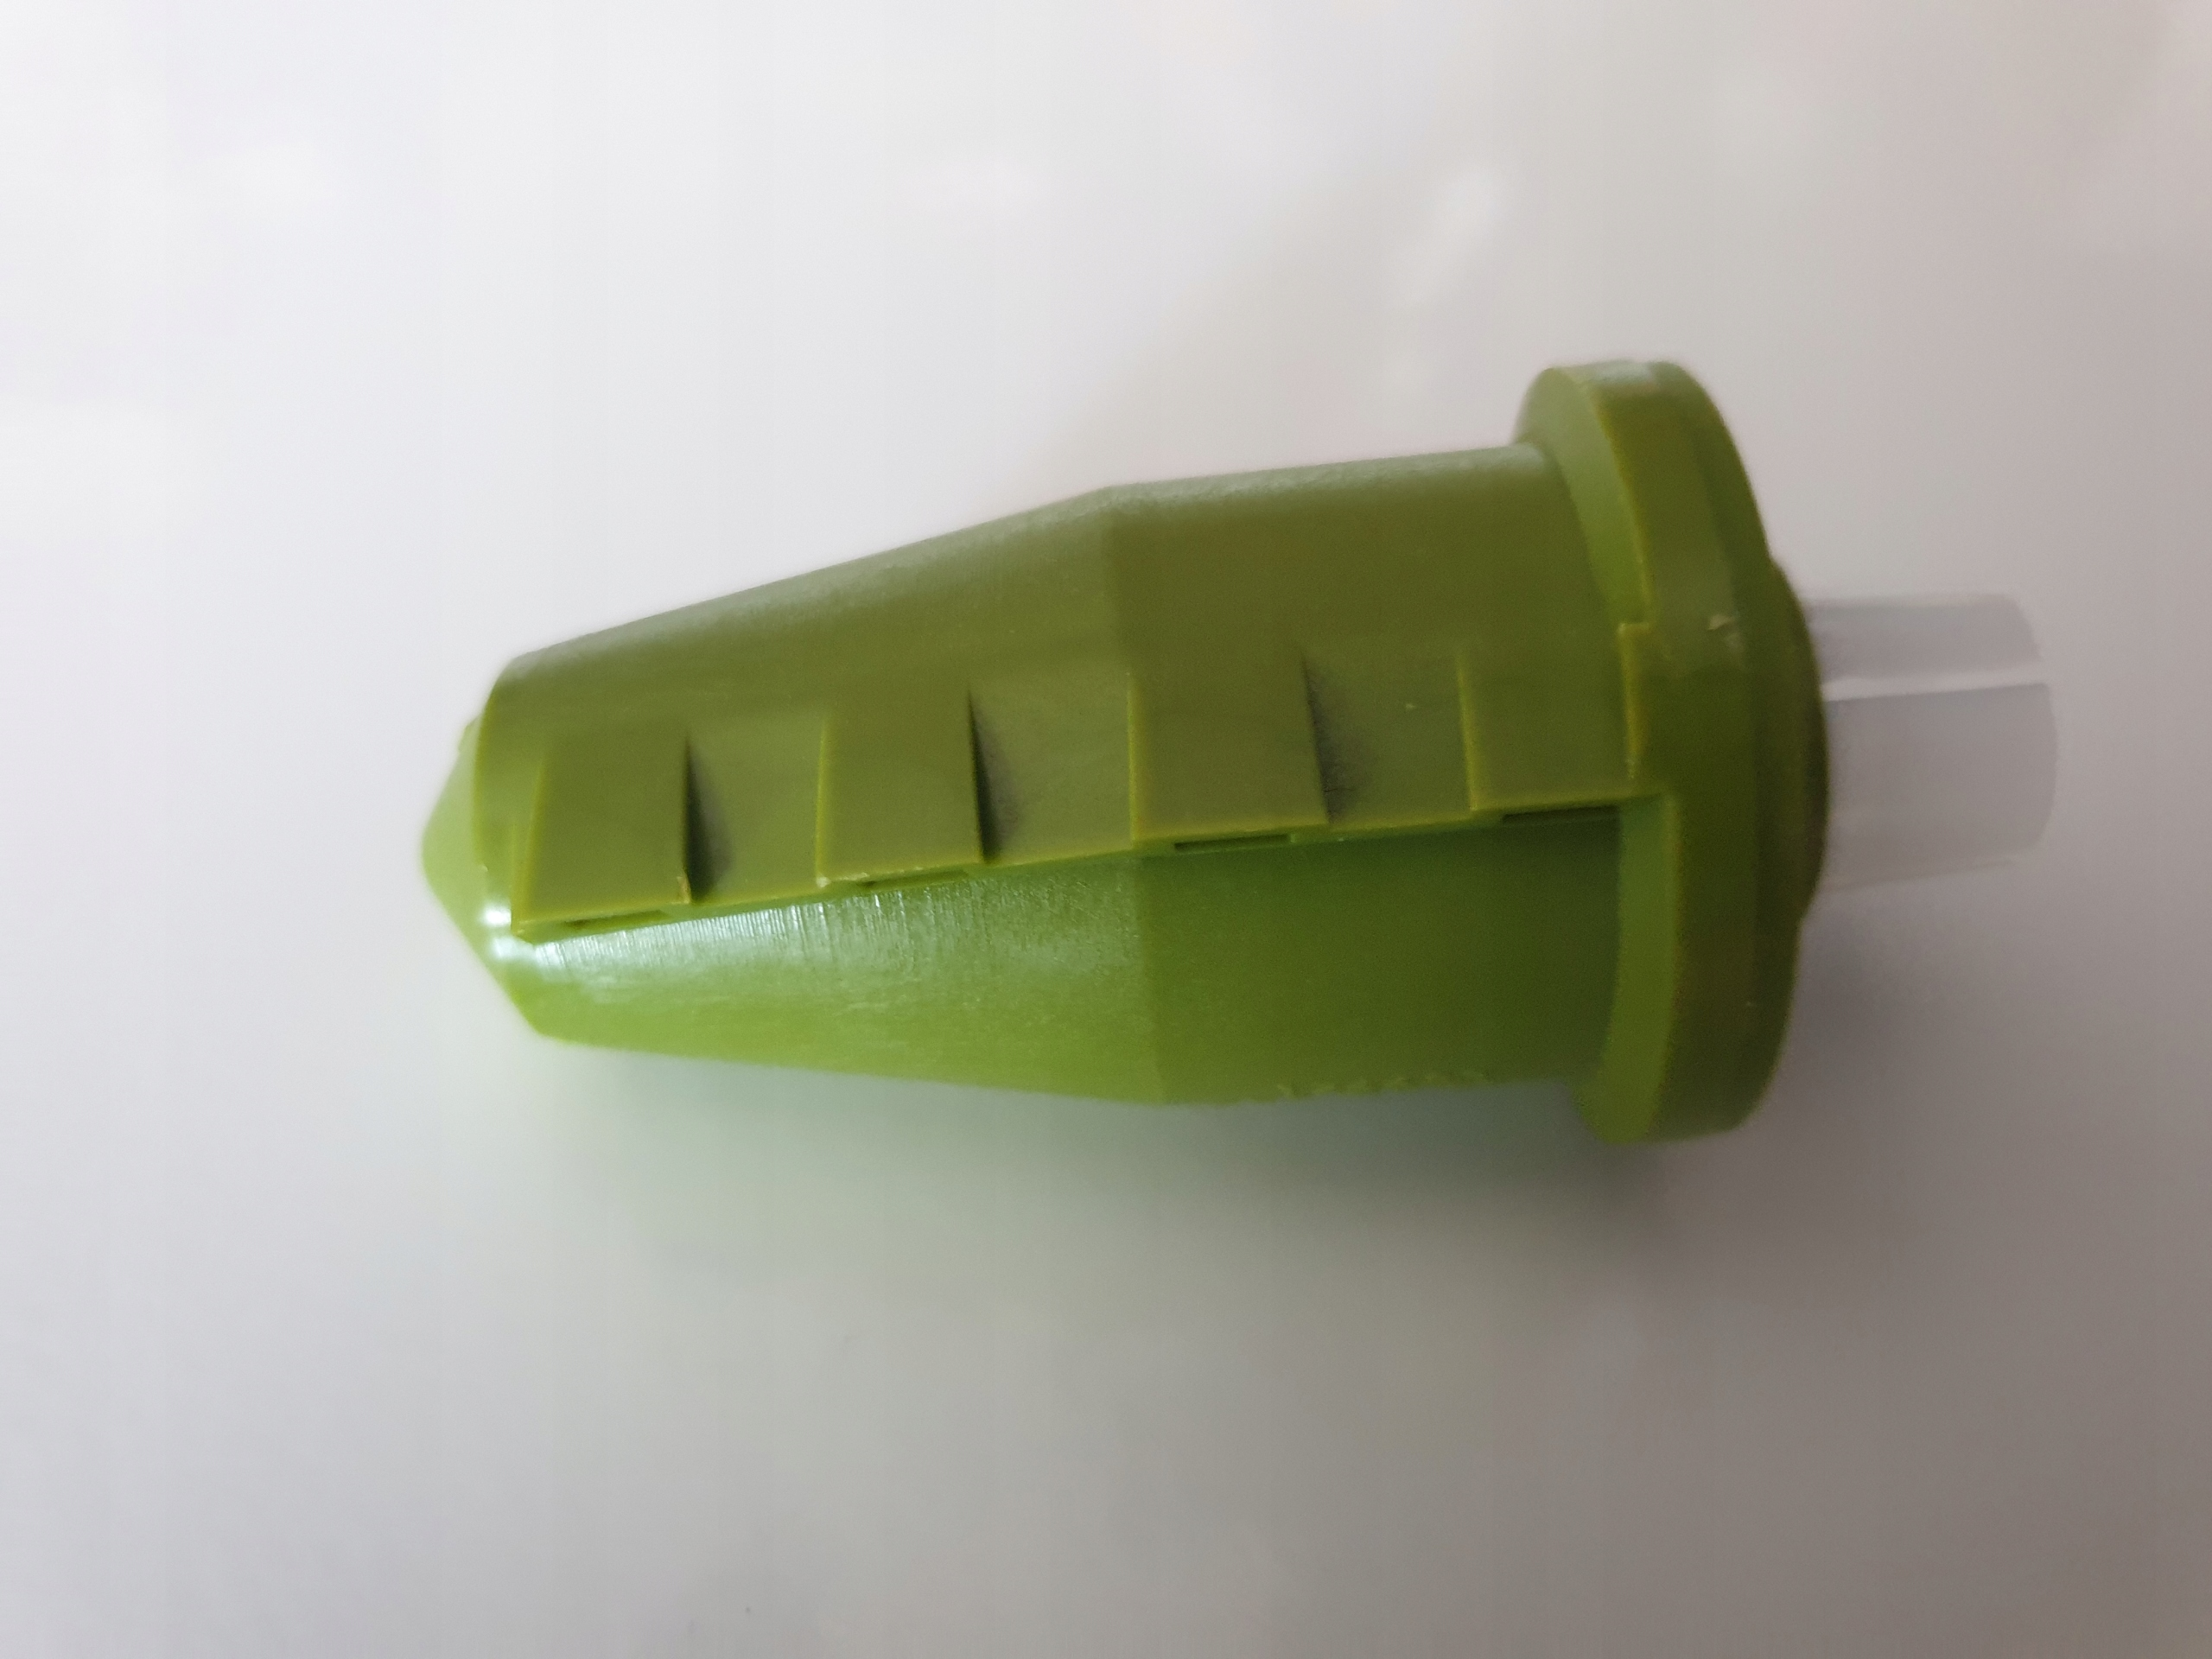 Dysza samoczyszcząca filtra zmywarki Beko